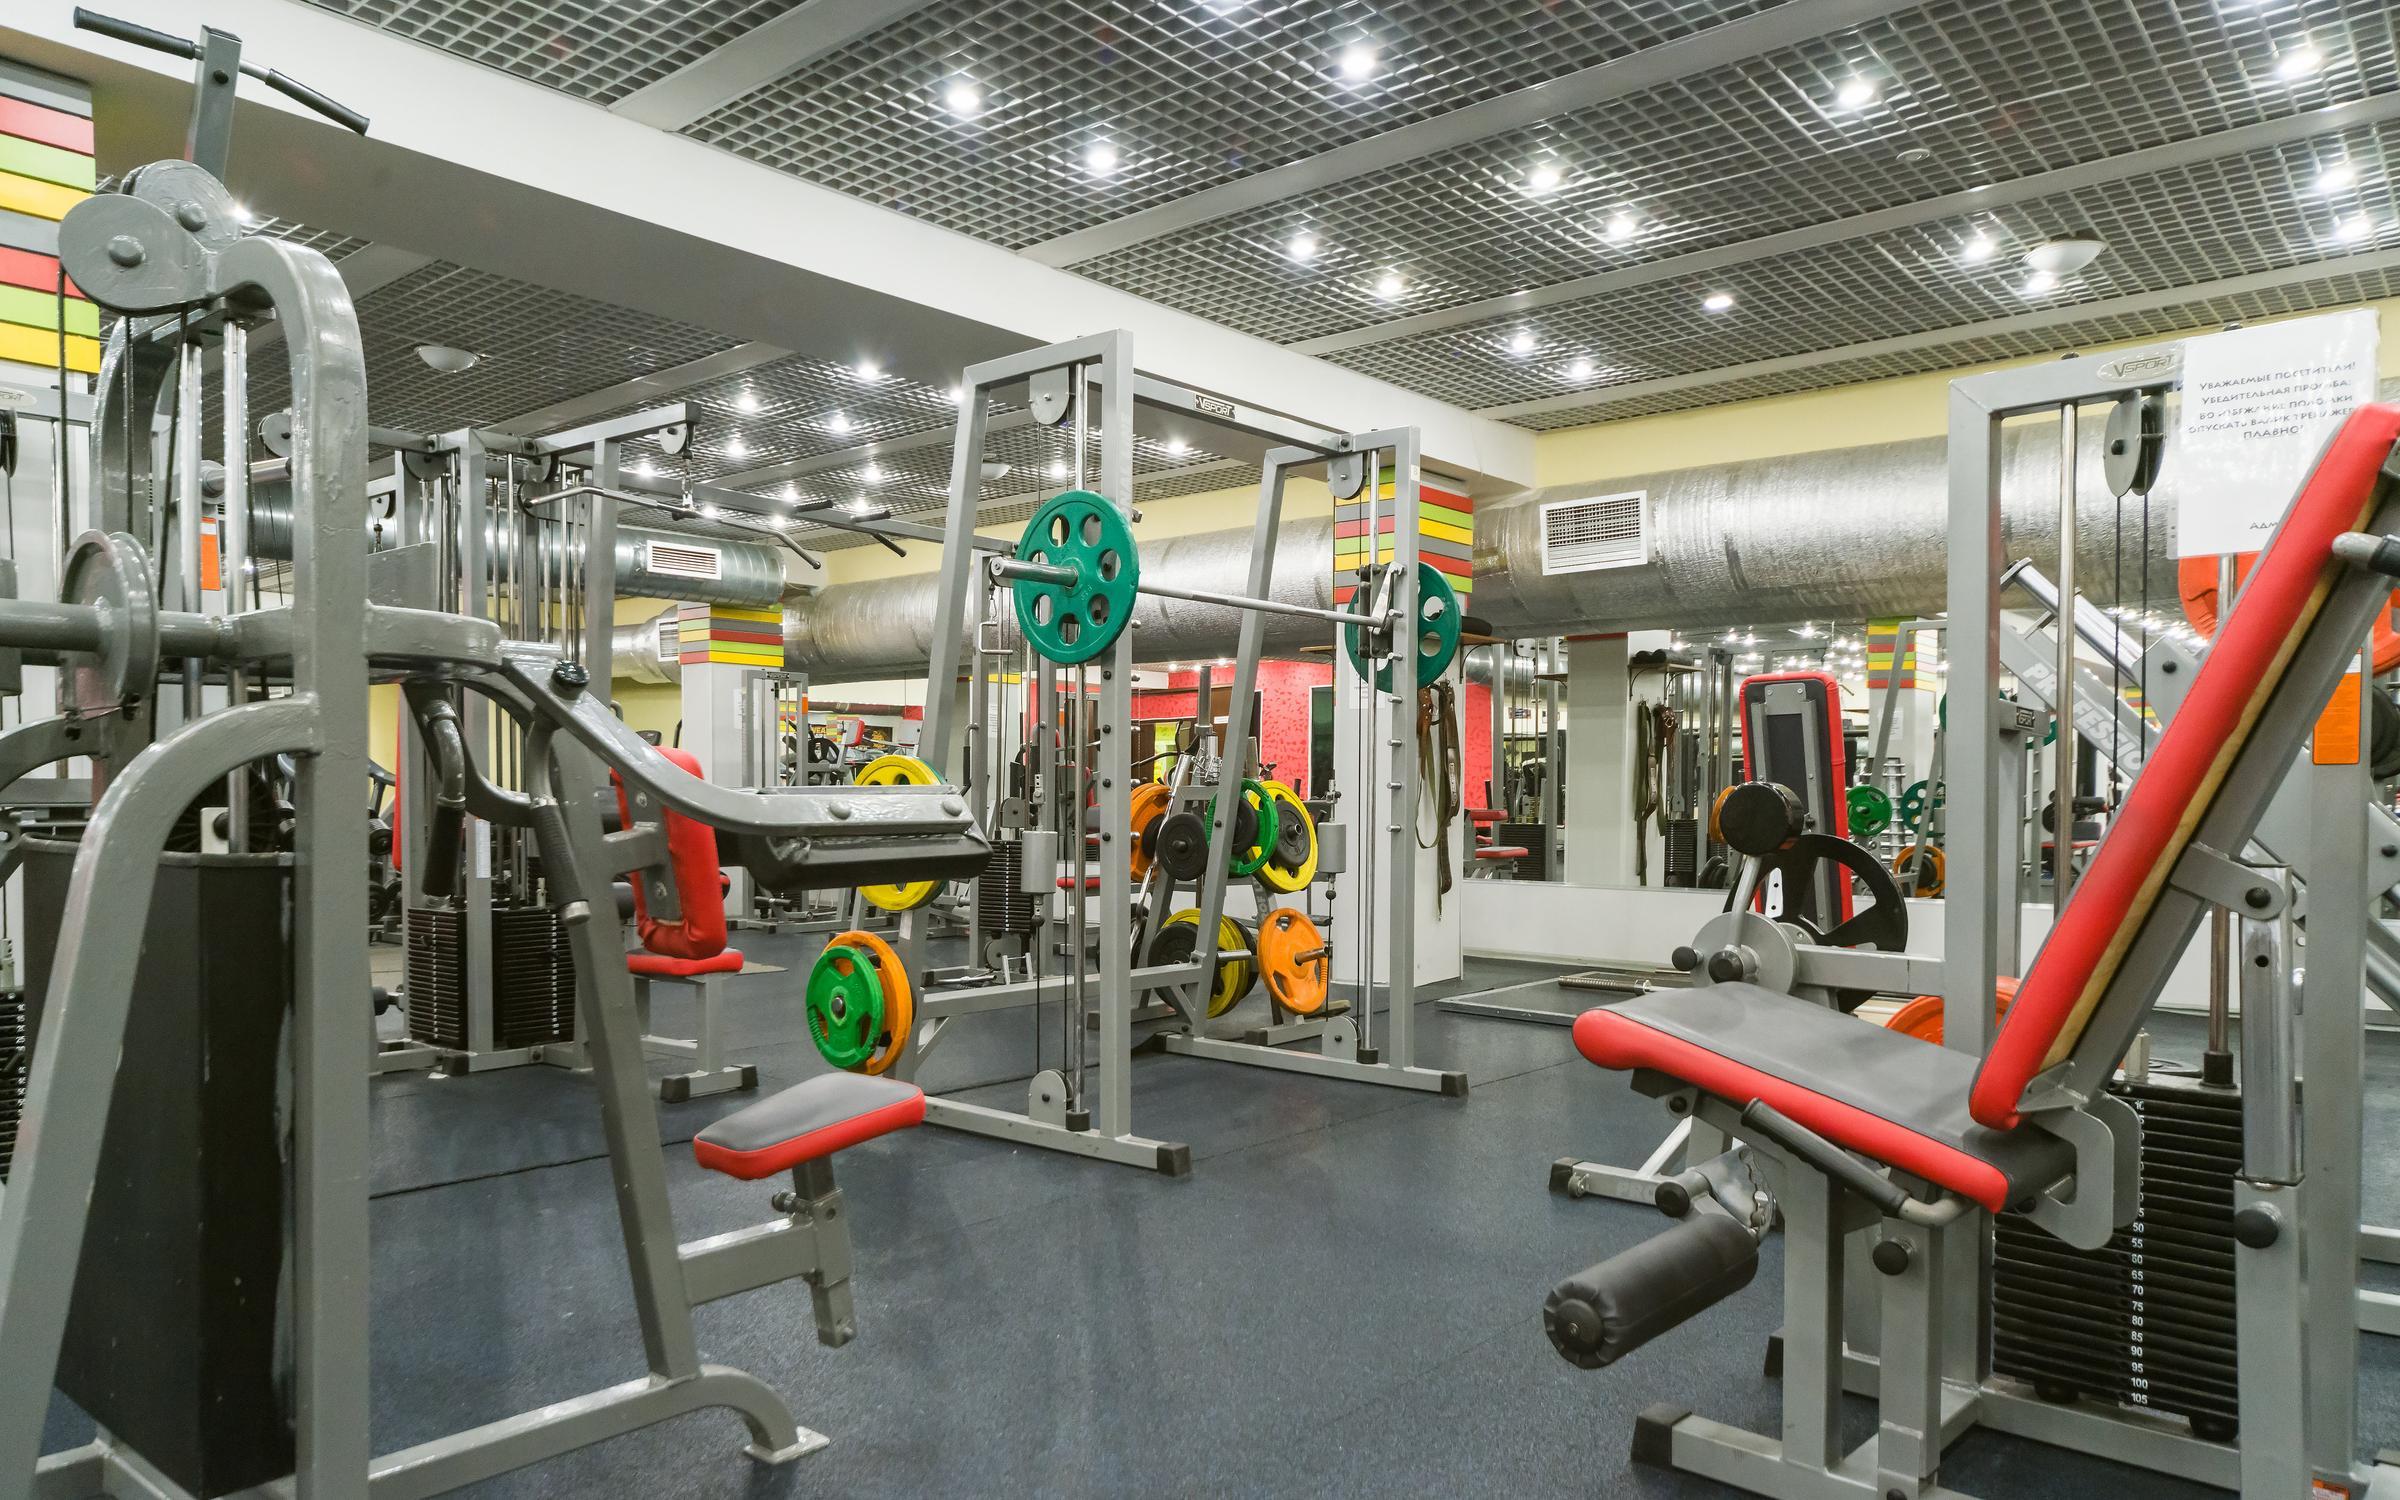 Дешевый фитнес клуб москва отрадное